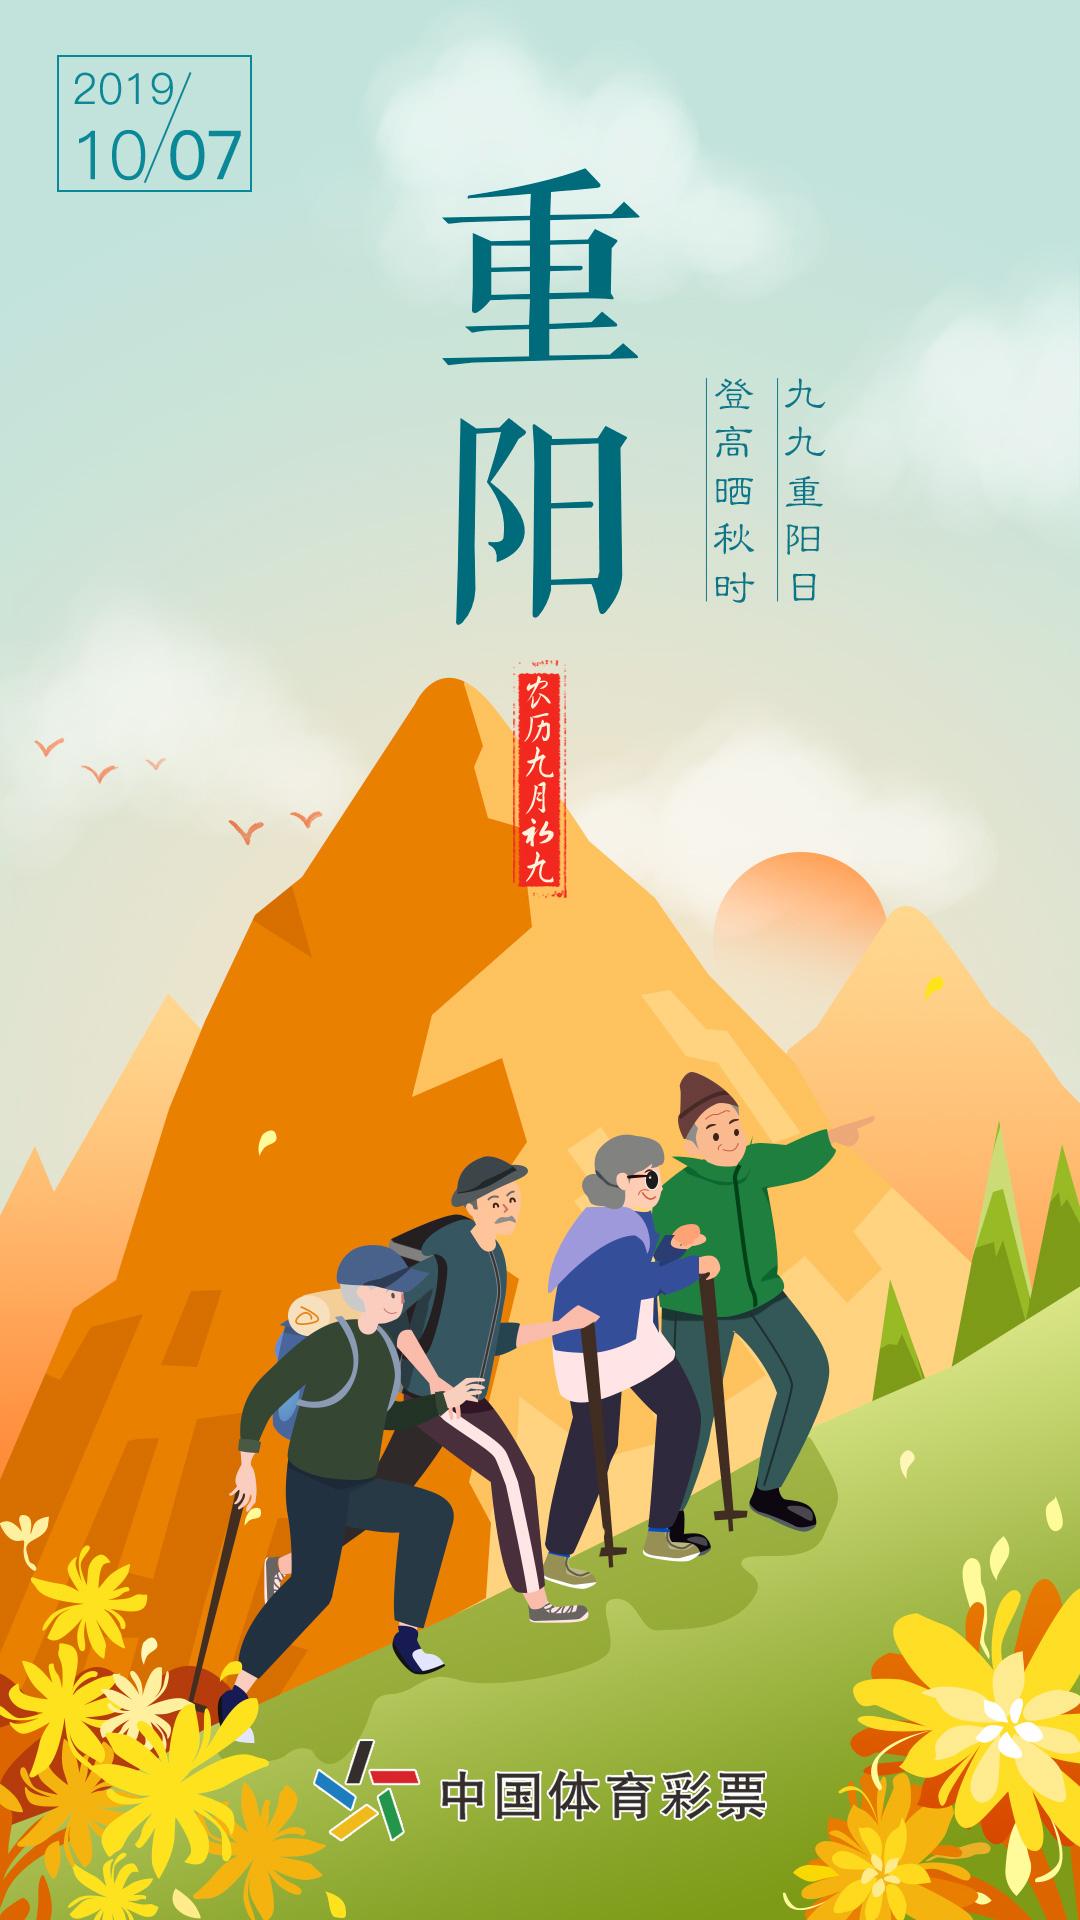 重阳节电子海报.jpg